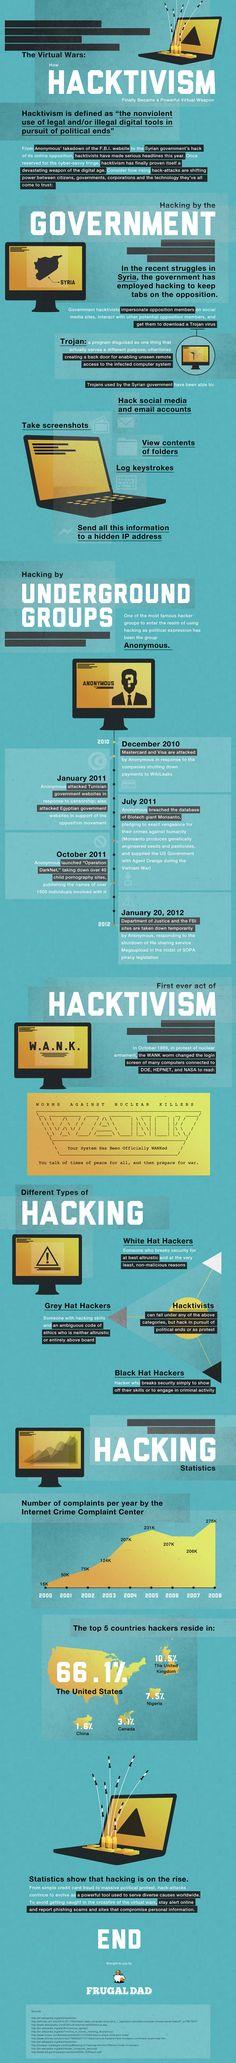 Hactivism facts and fundamentals